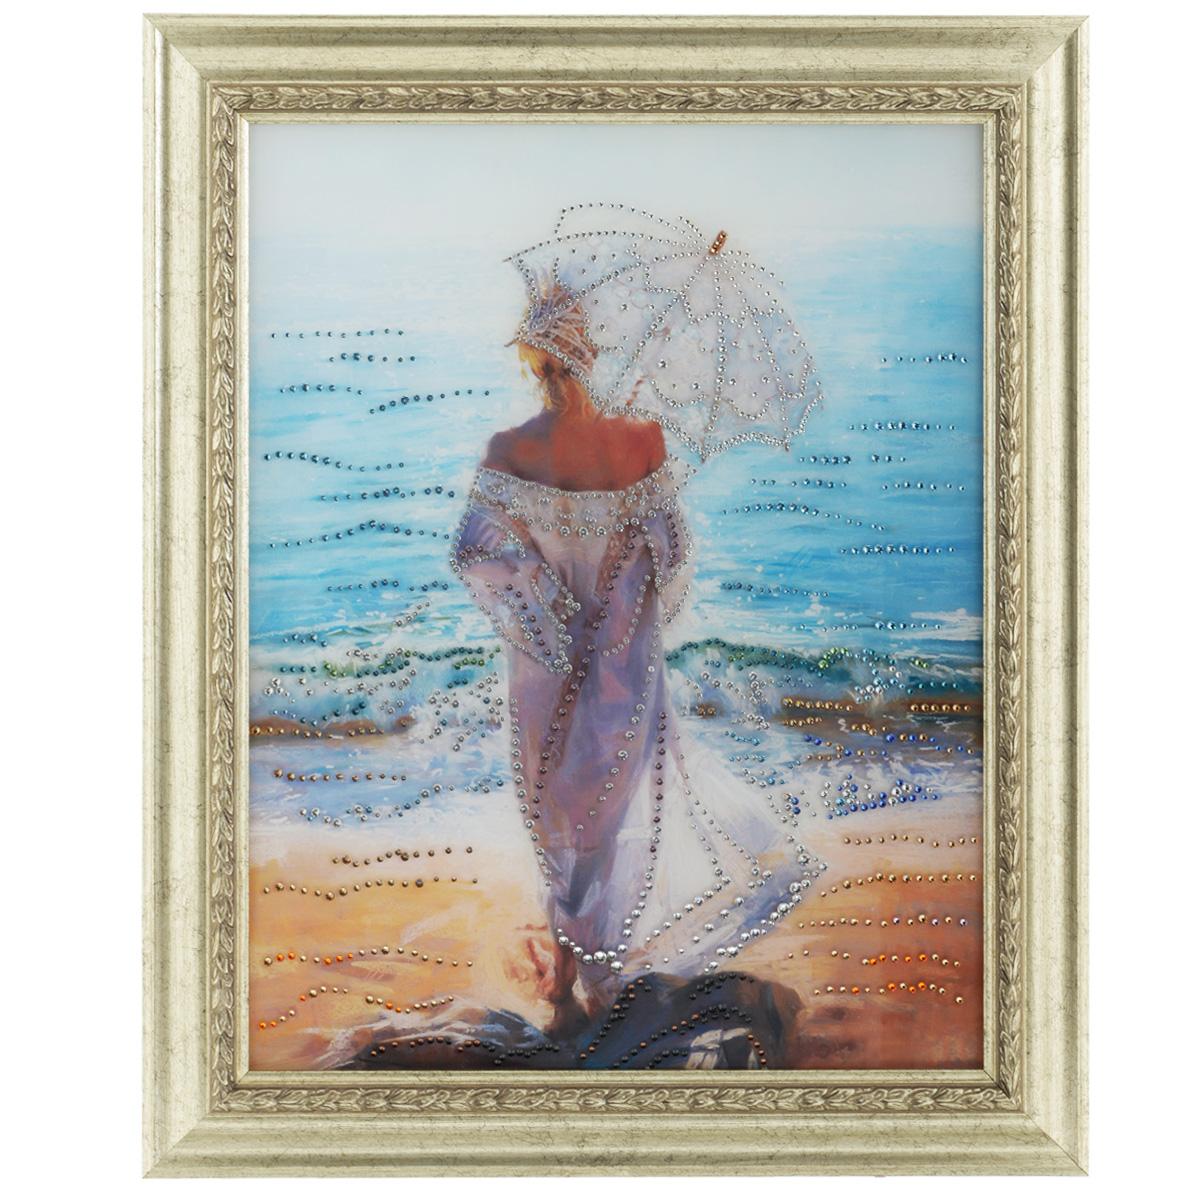 Картина с кристаллами Swarovski Влюбленная в море, 50 см х 60 смPM-3006Изящная картина в багетной раме, инкрустирована кристаллами Swarovski, которые отличаются четкой и ровной огранкой, ярким блеском и чистотой цвета. Красочное изображение овечки, расположенное под стеклом, прекрасно дополняет блеск кристаллов. С обратной стороны имеется металлическая петелька для размещения картины на стене. Картина с кристаллами Swarovski Влюбленная в море элегантно украсит интерьер дома или офиса, а также станет прекрасным подарком, который обязательно понравится получателю. Блеск кристаллов в интерьере, что может быть сказочнее и удивительнее. Картина упакована в подарочную картонную коробку красного цвета и комплектуется сертификатом соответствия Swarovski. Количество кристаллов: 1425 шт. Размер картины: 50 см х 60 см.